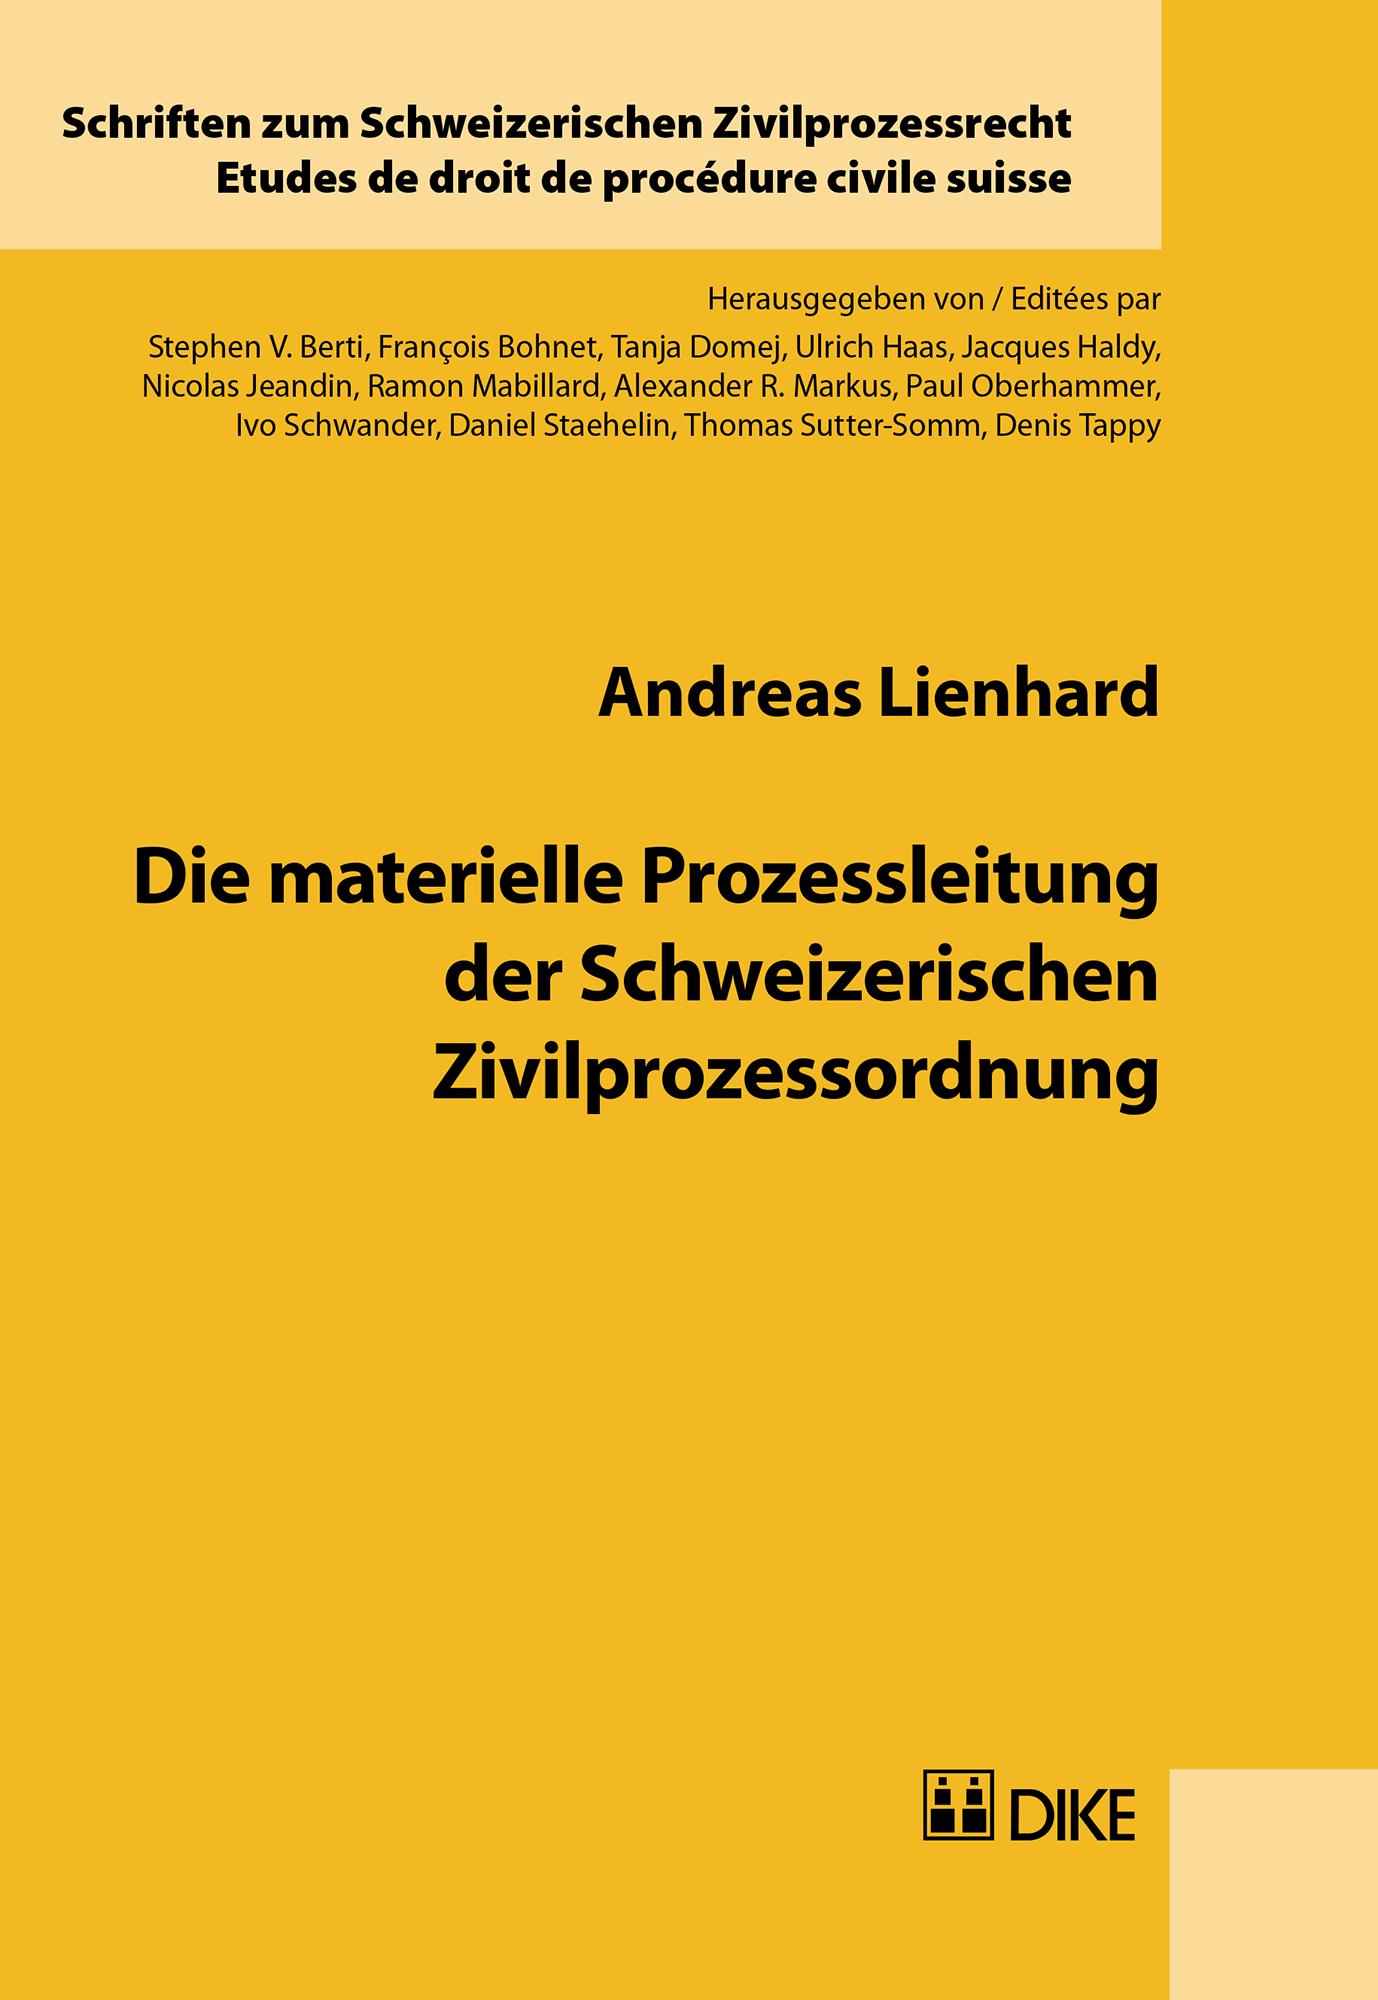 Die materielle Prozessleitung der Schweizerischen Zivilprozessordnung